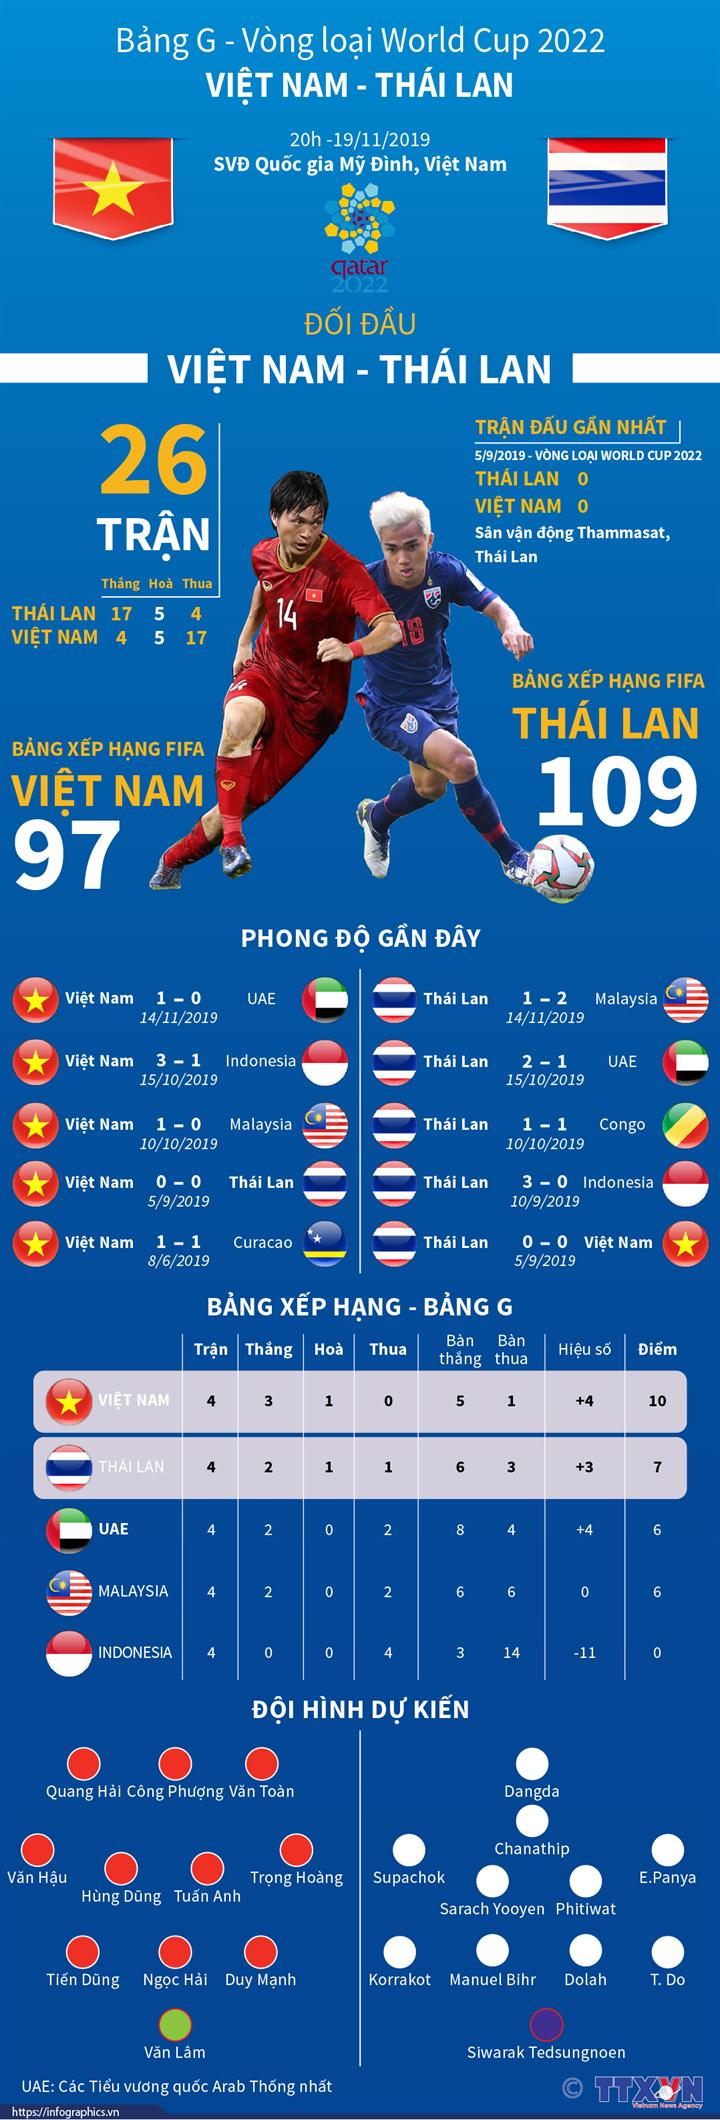 Bảng G Vòng loại World Cup 2022: Việt Nam - Thái Lan